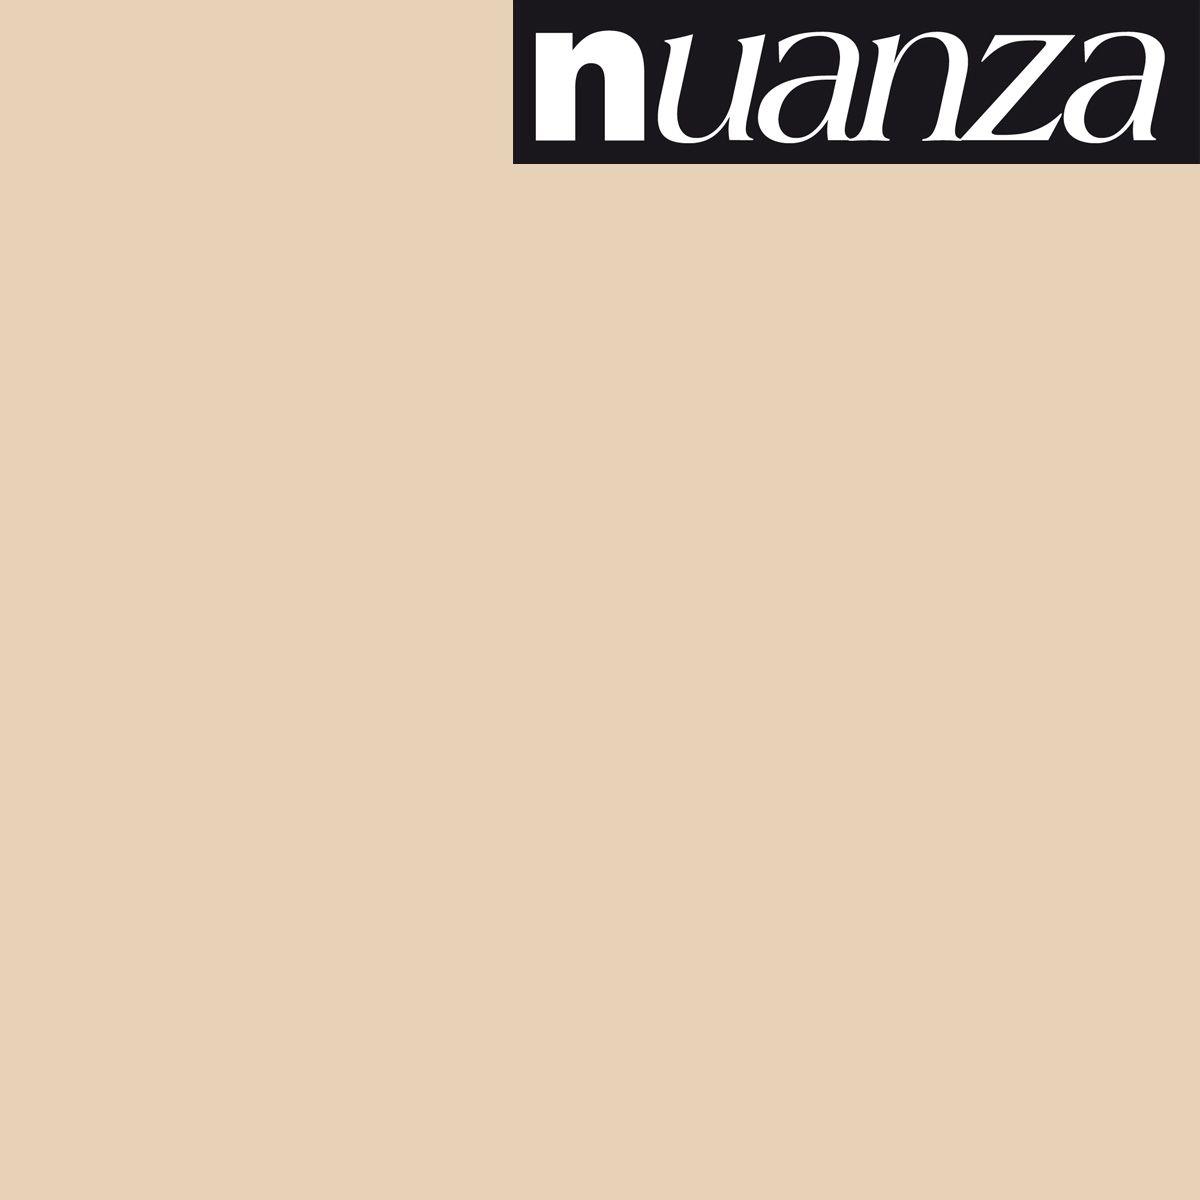 Peinture Nuanza satin monocouche dune 0.5l